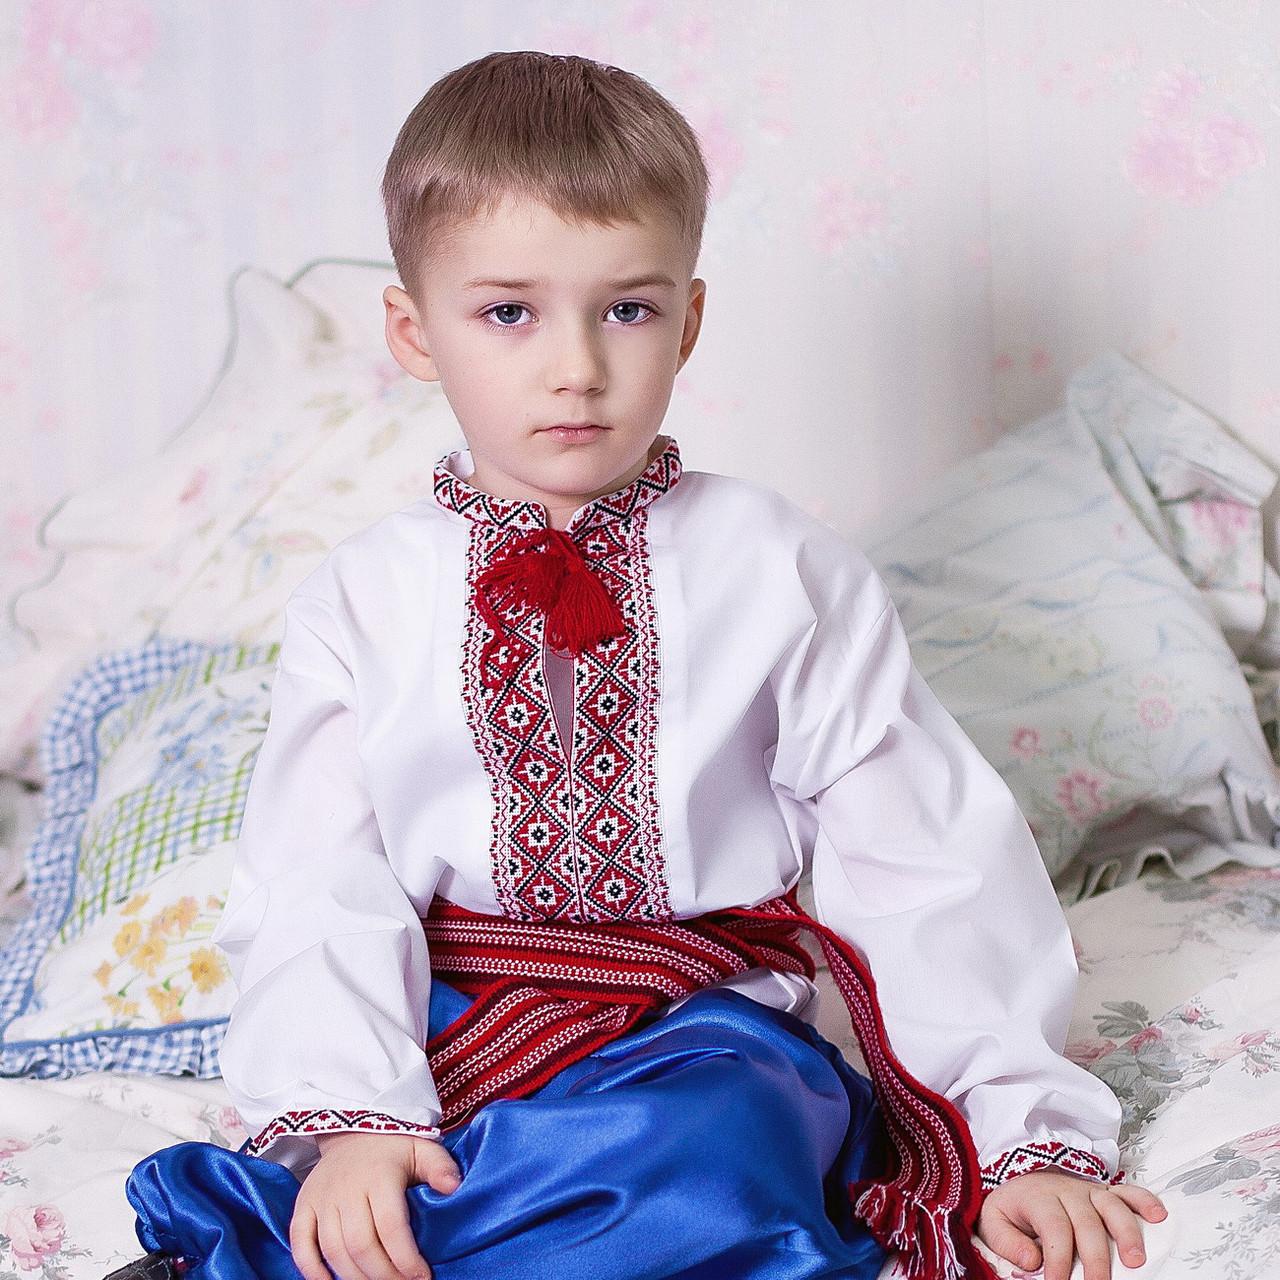 Айшвария Рай биография фильмы 36 фото